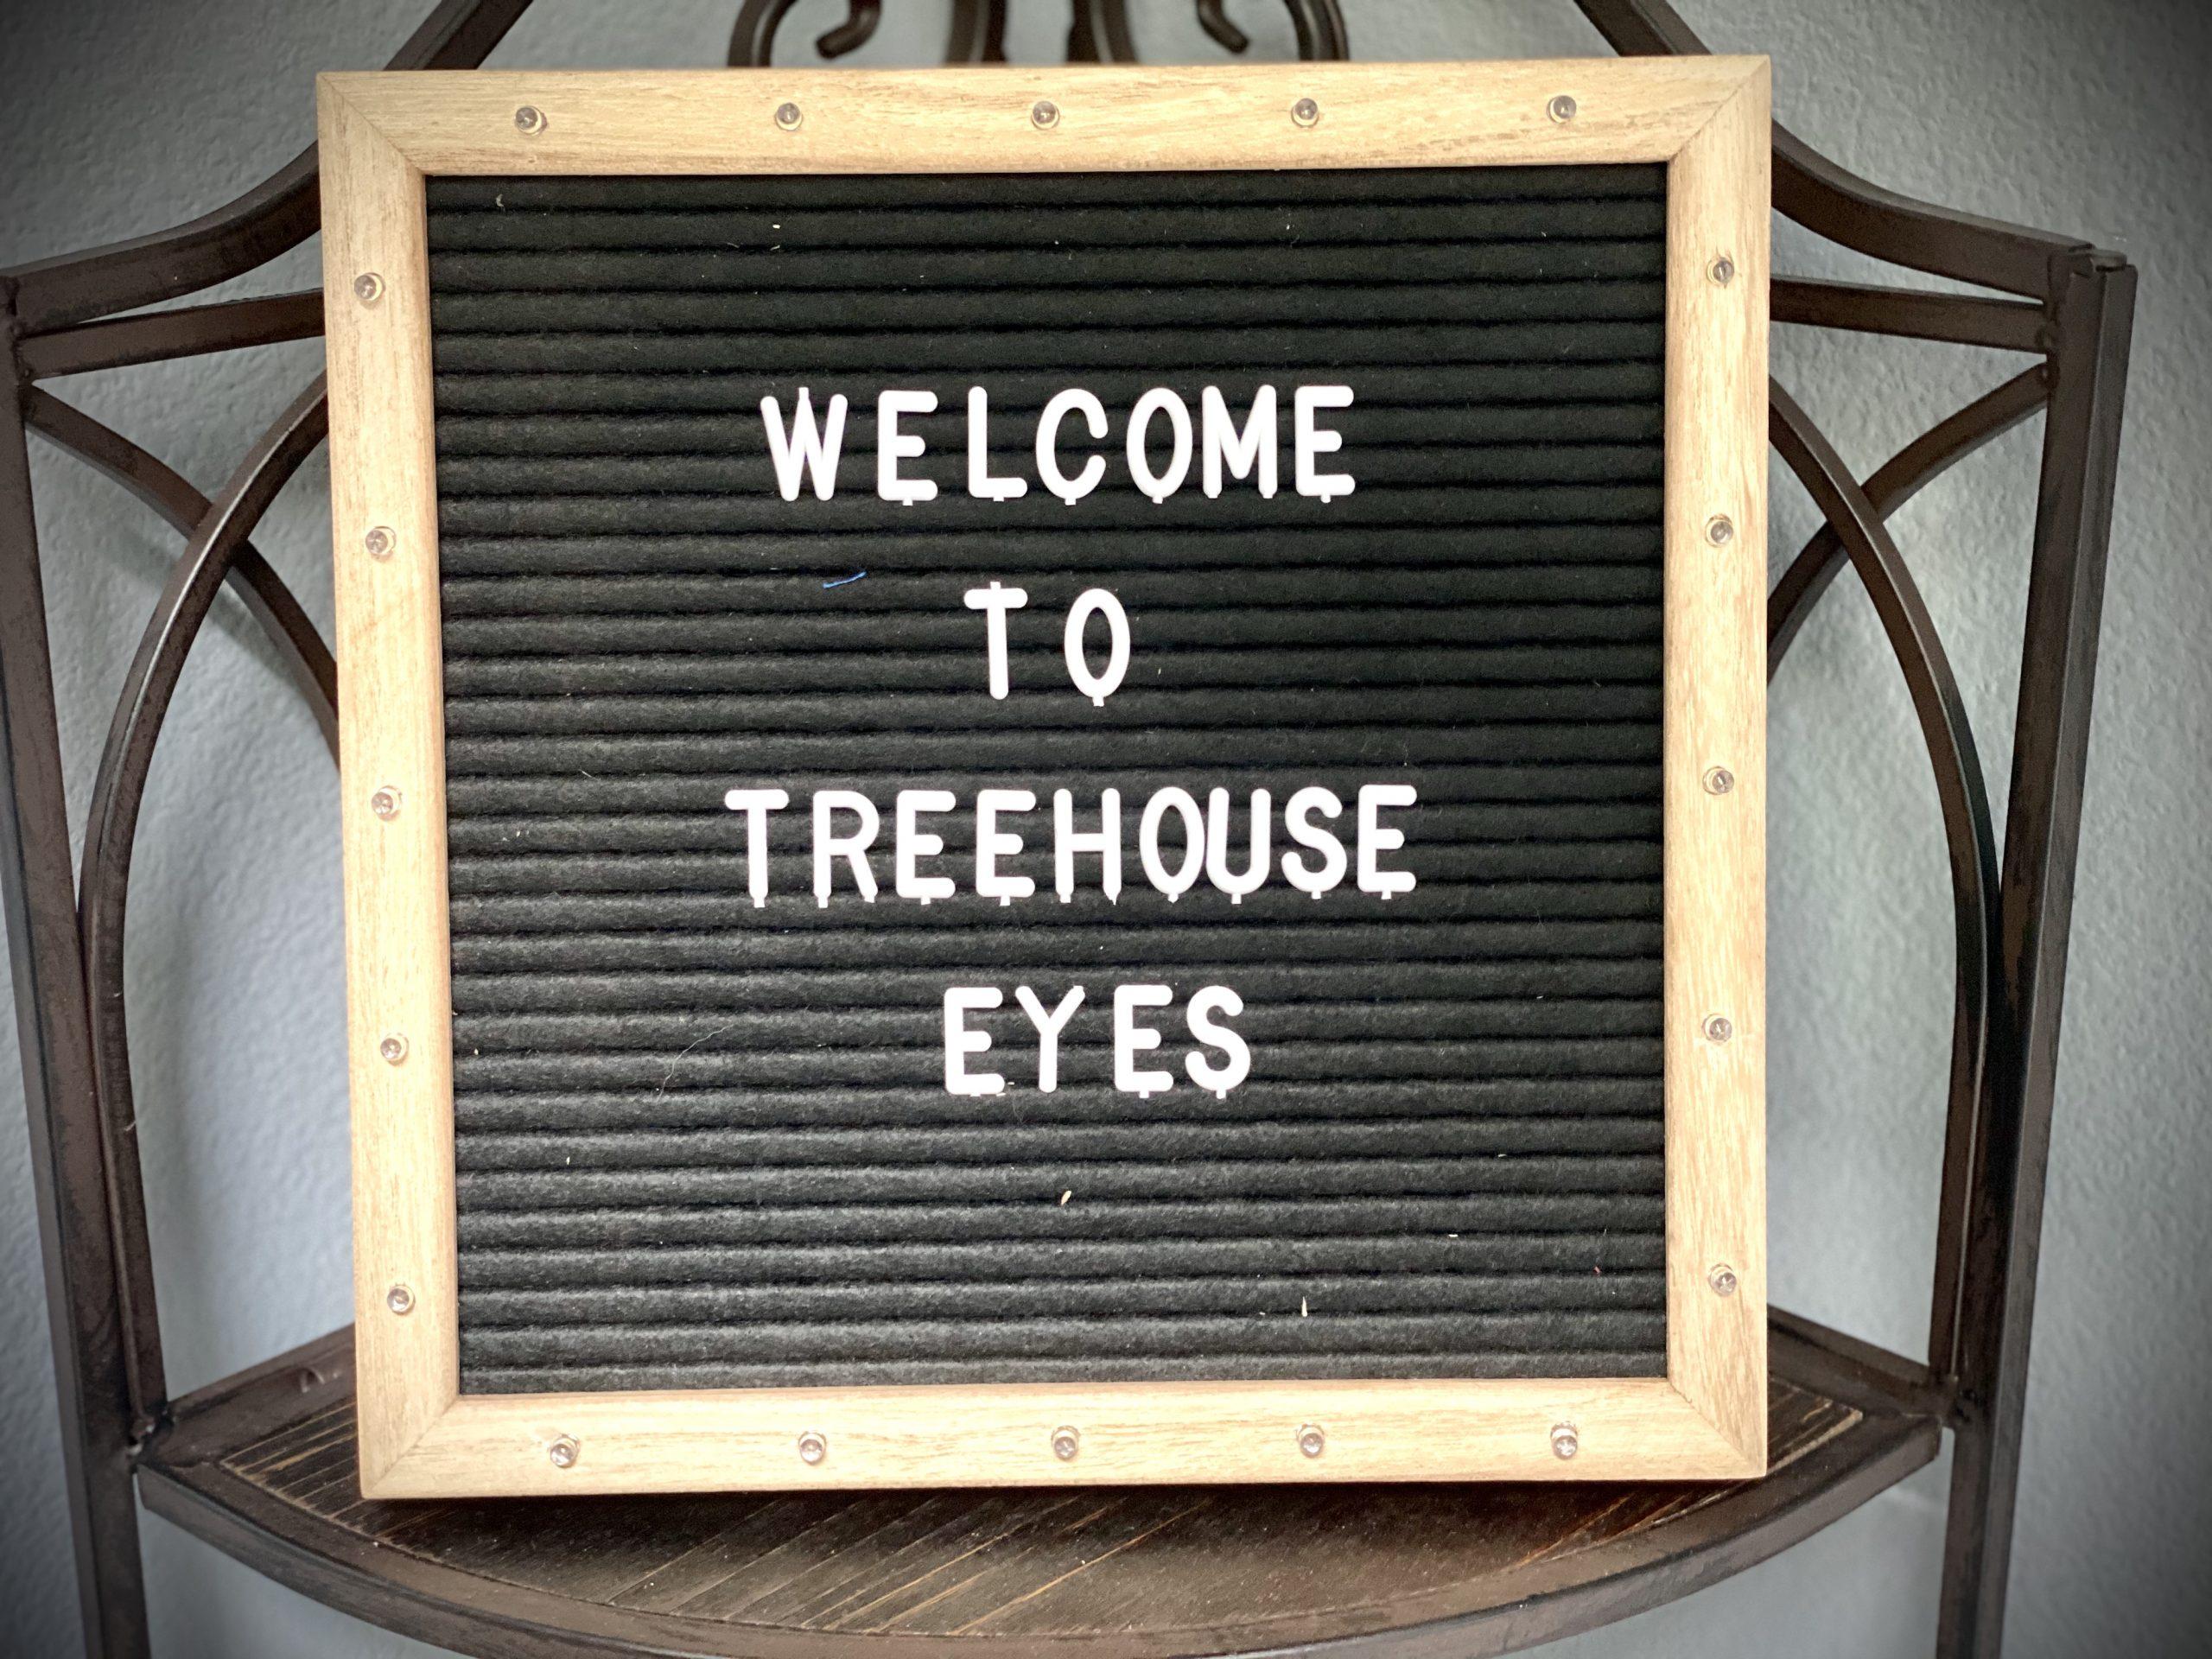 Treehouse Eyes